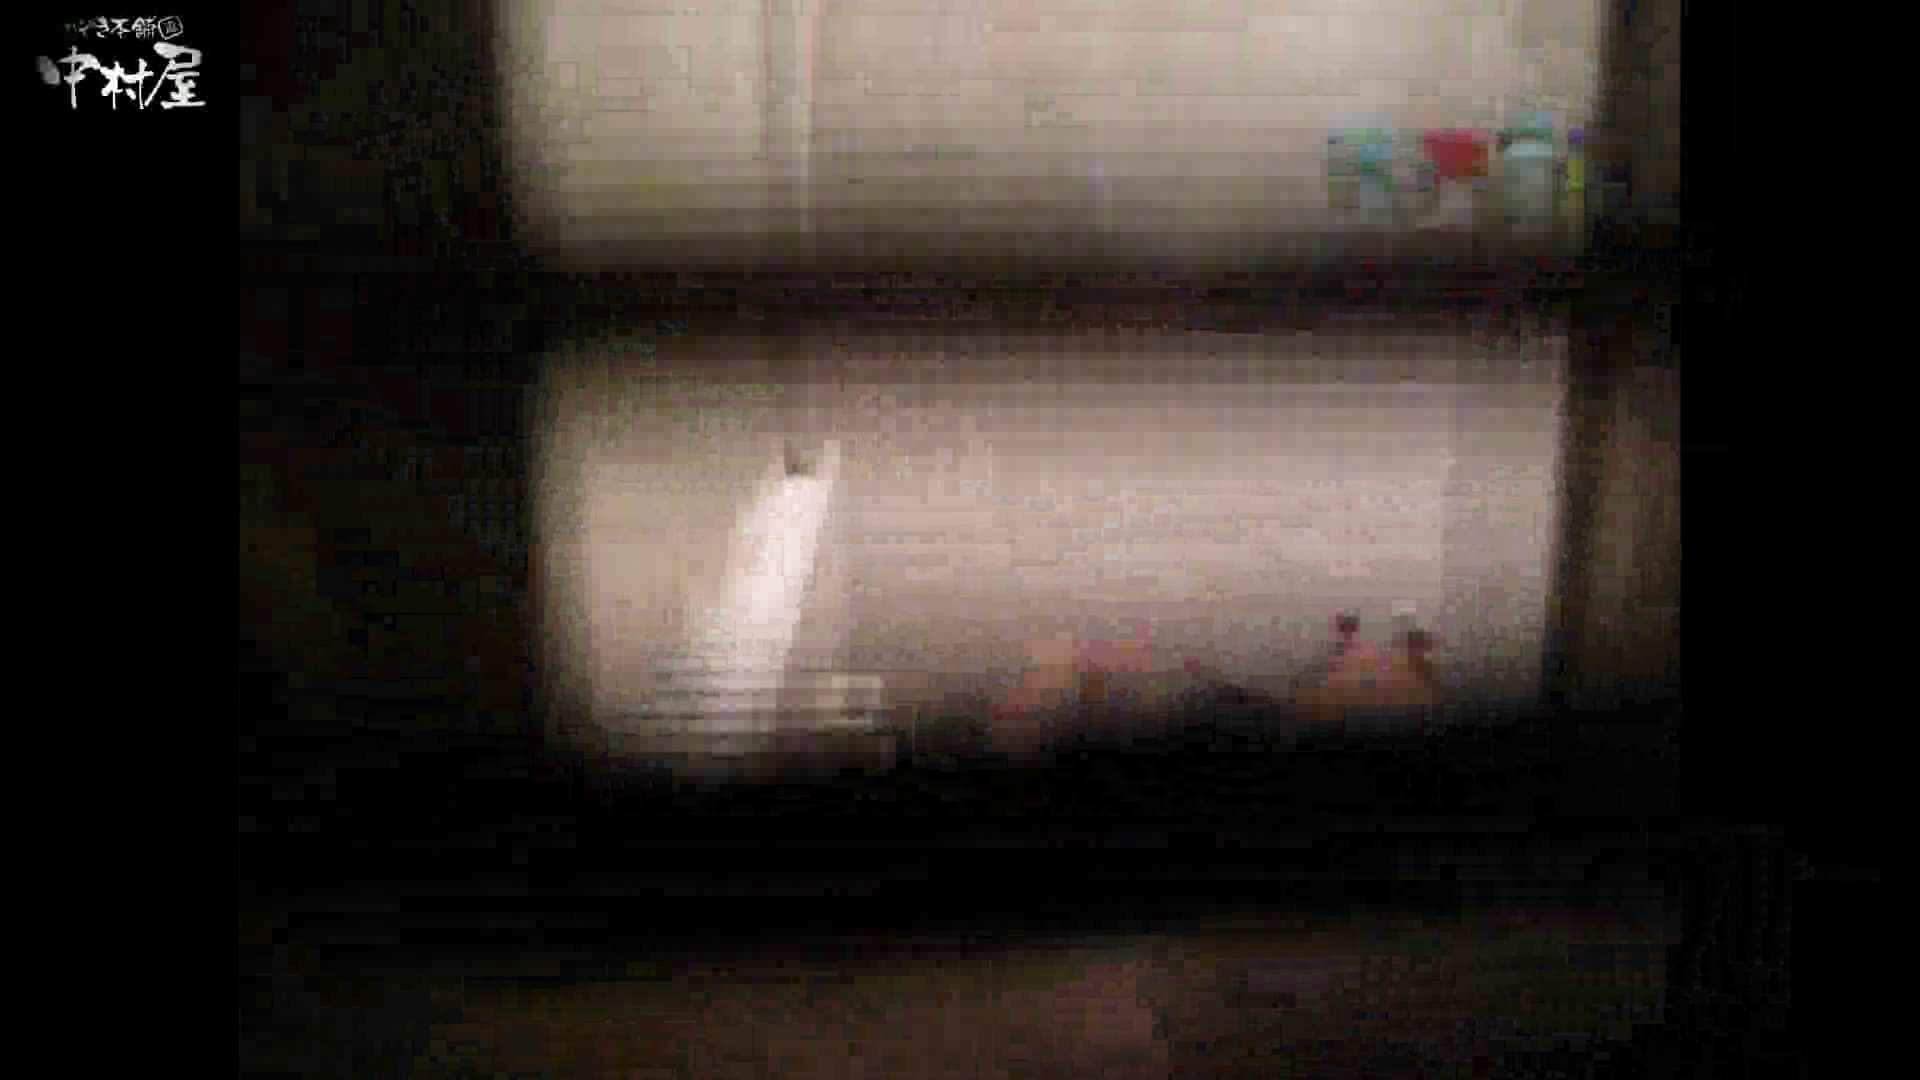 民家風呂専門盗撮師の超危険映像 vol.017 民家 盗撮動画紹介 93PICs 77